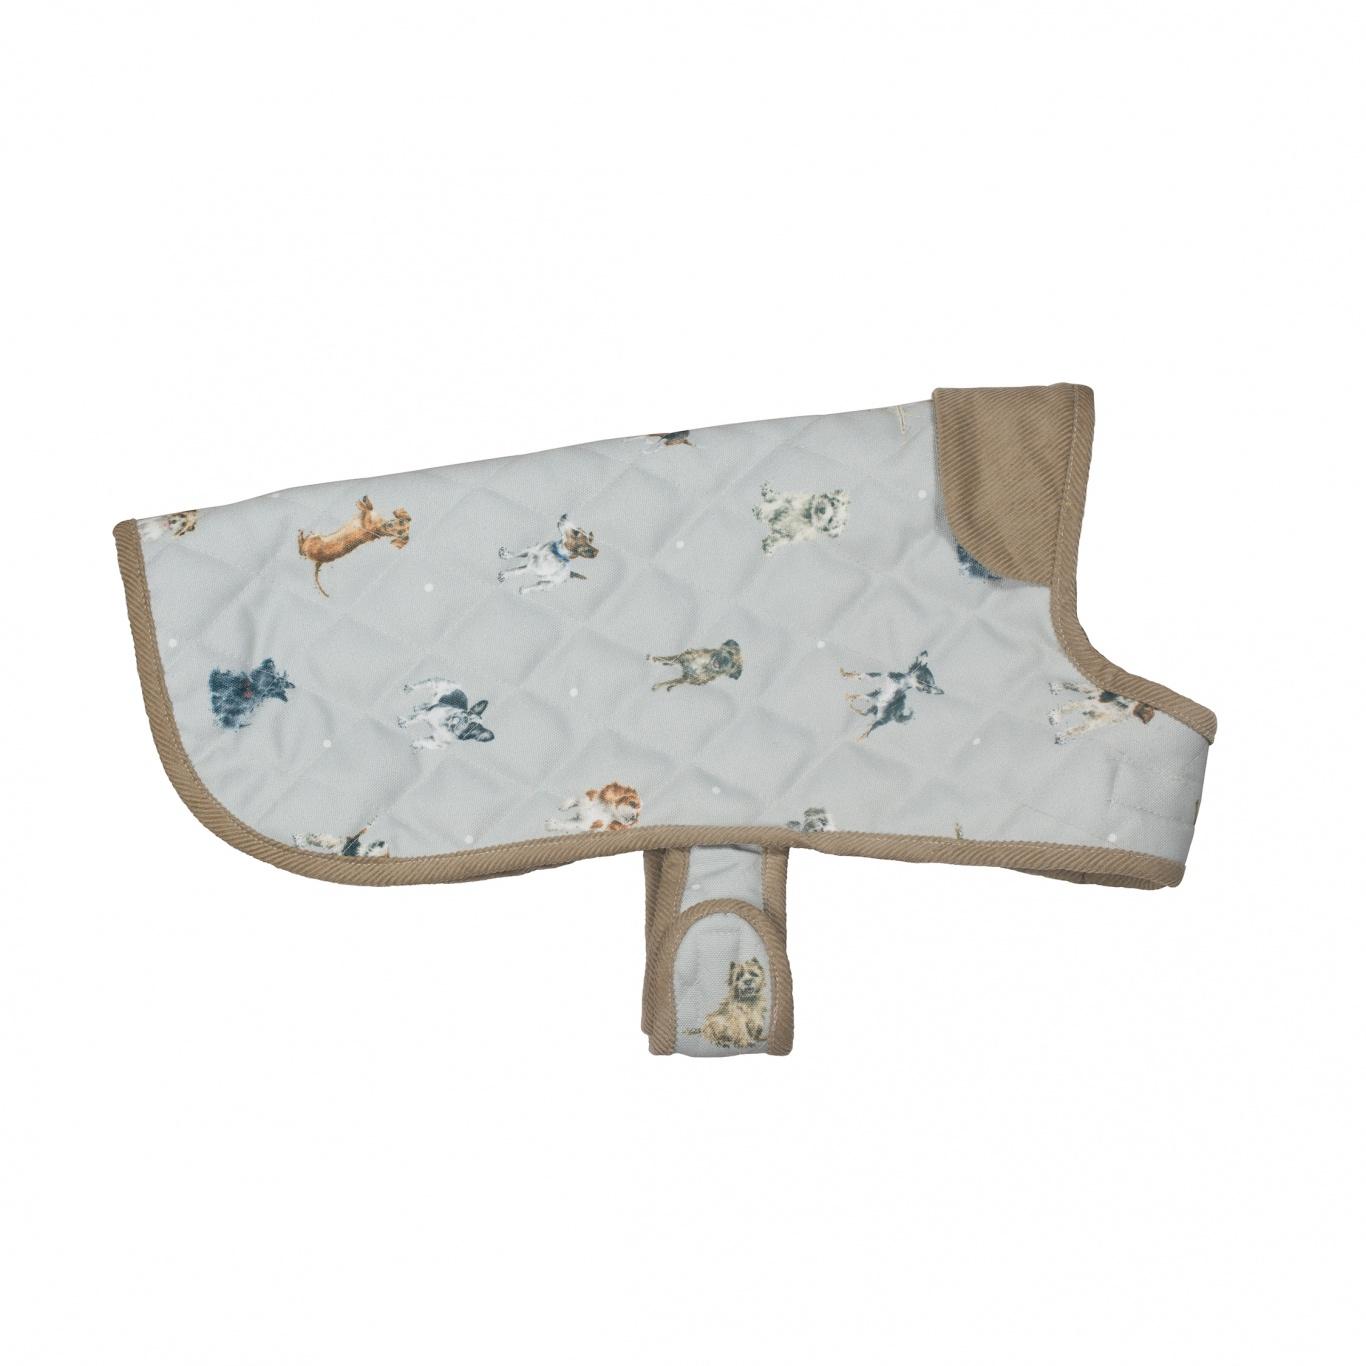 Image of Wrendale Medium Dog Coat